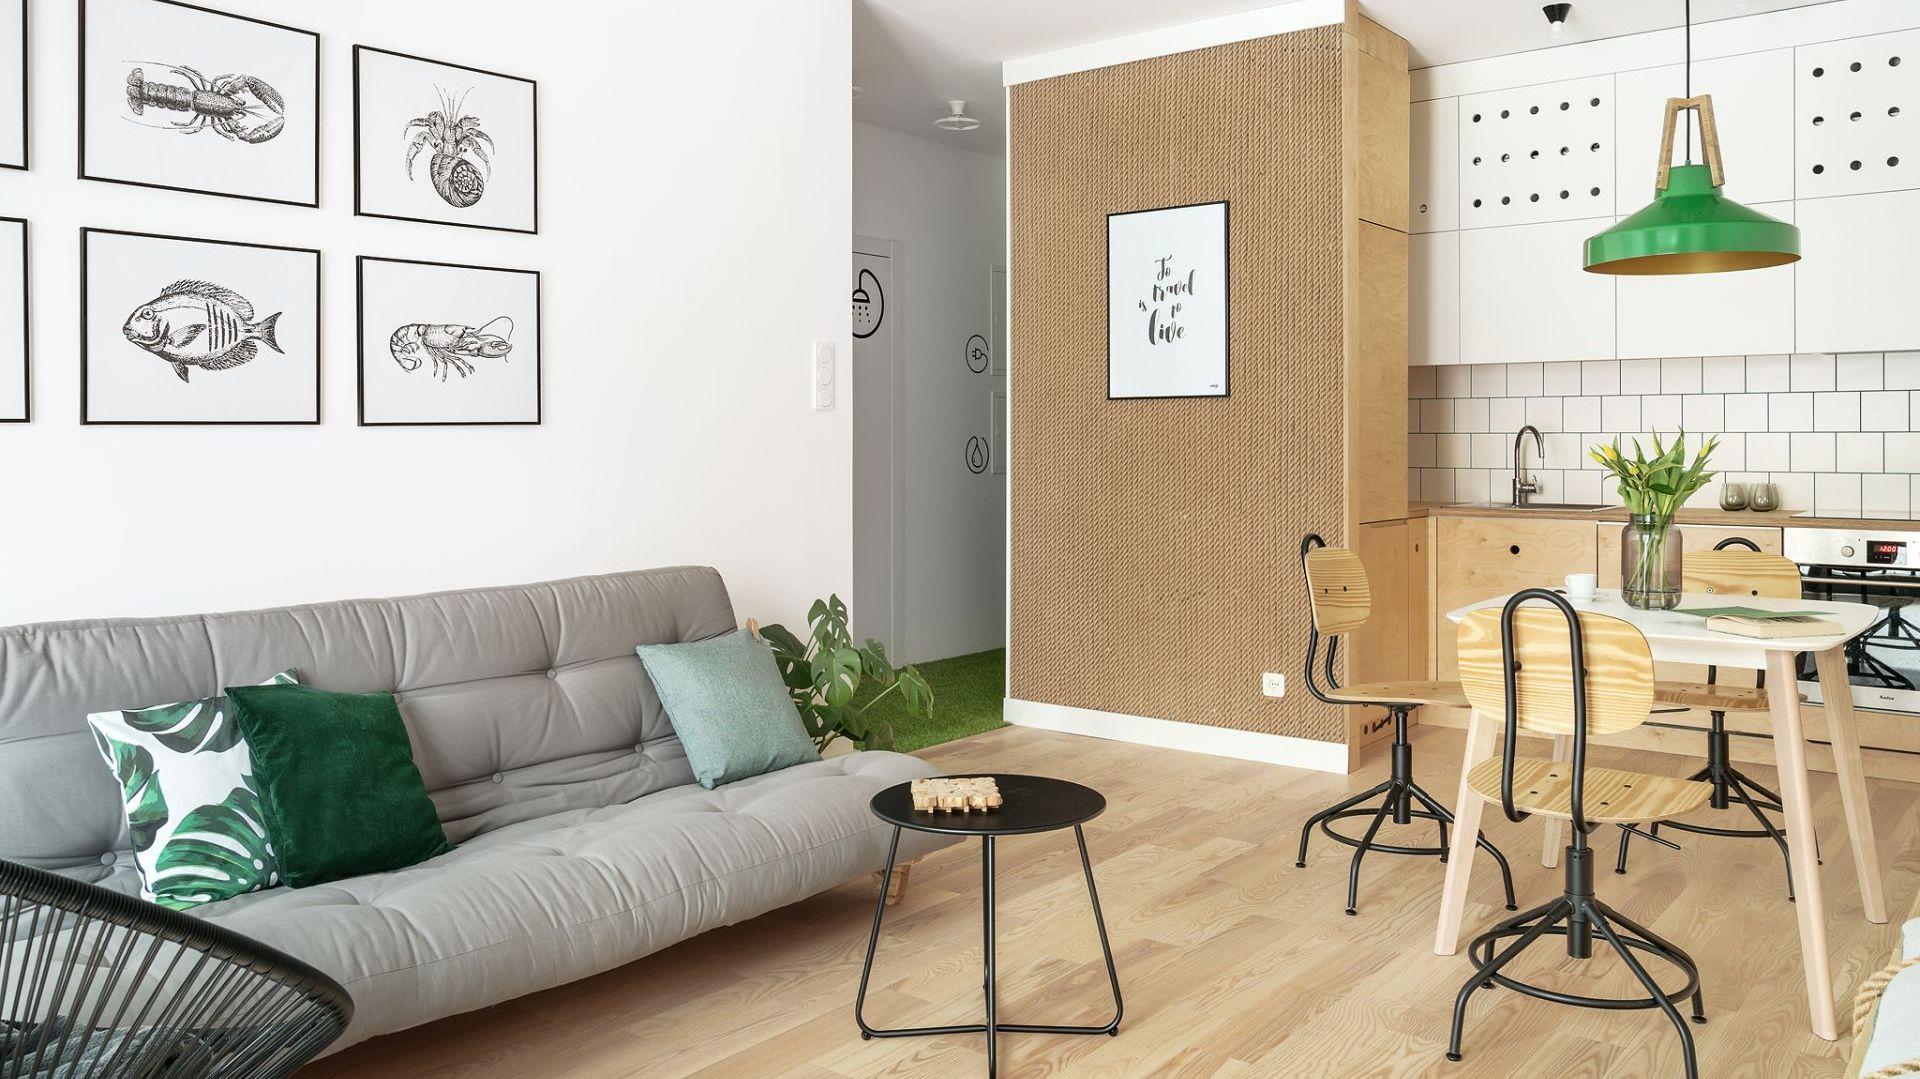 Eko design - zielone dodatki świetnie dopełniają wnętrze. Projekt: Maka Studio (Daria Pawlaczyk, Aleksandra Kurc). Fot. Tom Kurek